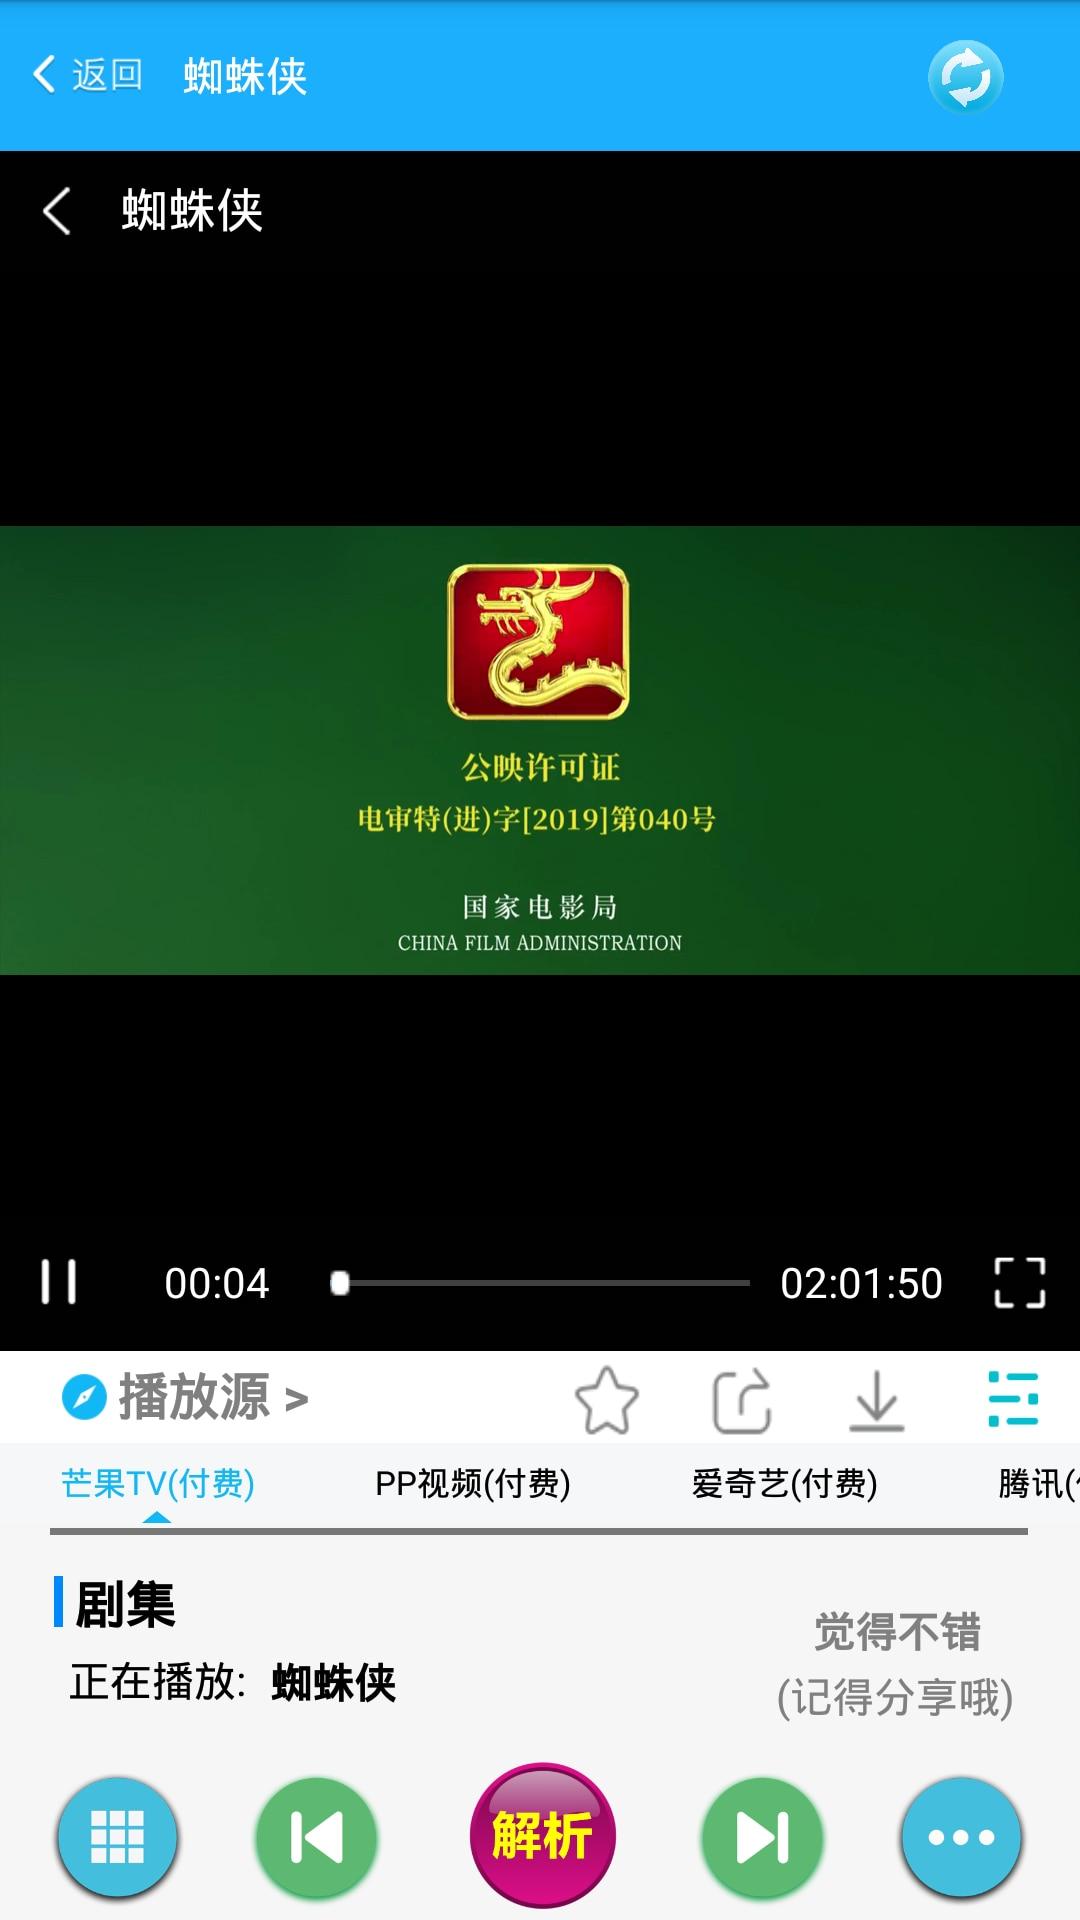 全网影视聚合app:安卓乐爱影视v5.1,可看各大网站视频VIP影视 配图 No.6